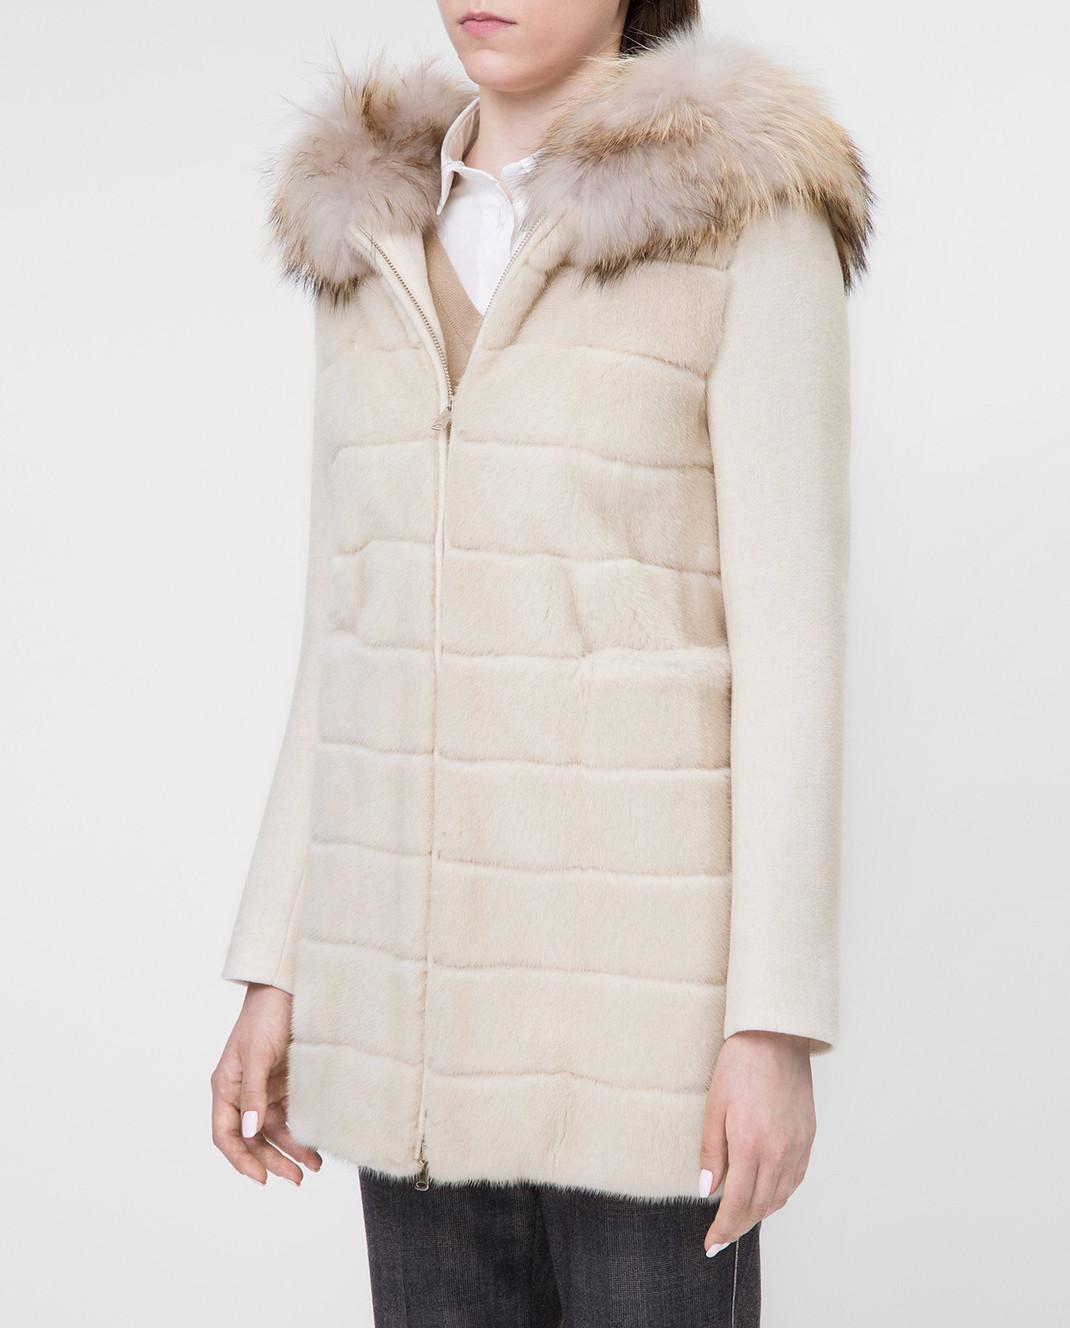 Real Furs House Светло-бежевое пальто с мехом енота 922RFH изображение 3